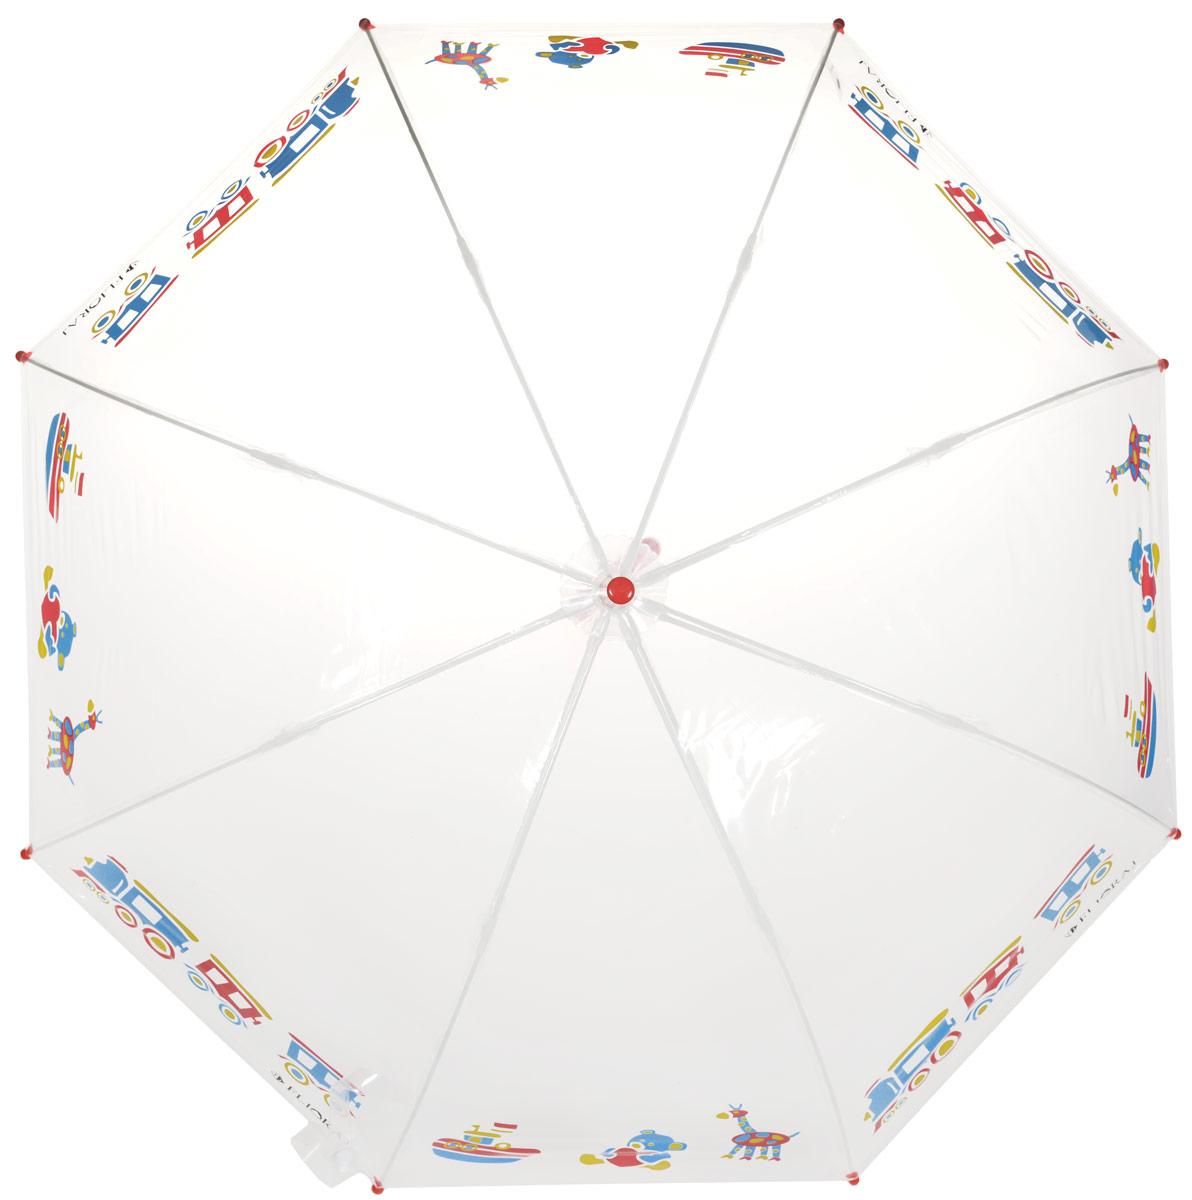 Зонт-трость детский Flioraj, механика, цвет: прозрачный, мультиколор. 051211REM12-CAM-GREENBLACKМеханический, прочный детский зонт - надежная защита в непогоду. Прозрачный купол с интересным, проявляющимся рисунком подчеркнет индивидуальность вашего ребенка. Для удобства предусмотрена безопасная технология открывания и закрывания зонта. Спицы зонта изготовлены из долговечного, но при этом легкого фибергласса, что делает его ветроустойчивым и прочным. Купол зонта выполнен из высокотехнологичного инновационного материала нового поколения ПОЭ, который не имеет посторонних запахов и не требует дополнительных обработок тальком. Зонт прозрачный, а значит, ребенок сможет контролировать обстановку вокруг себя и избегать возникновения опасных ситуаций.